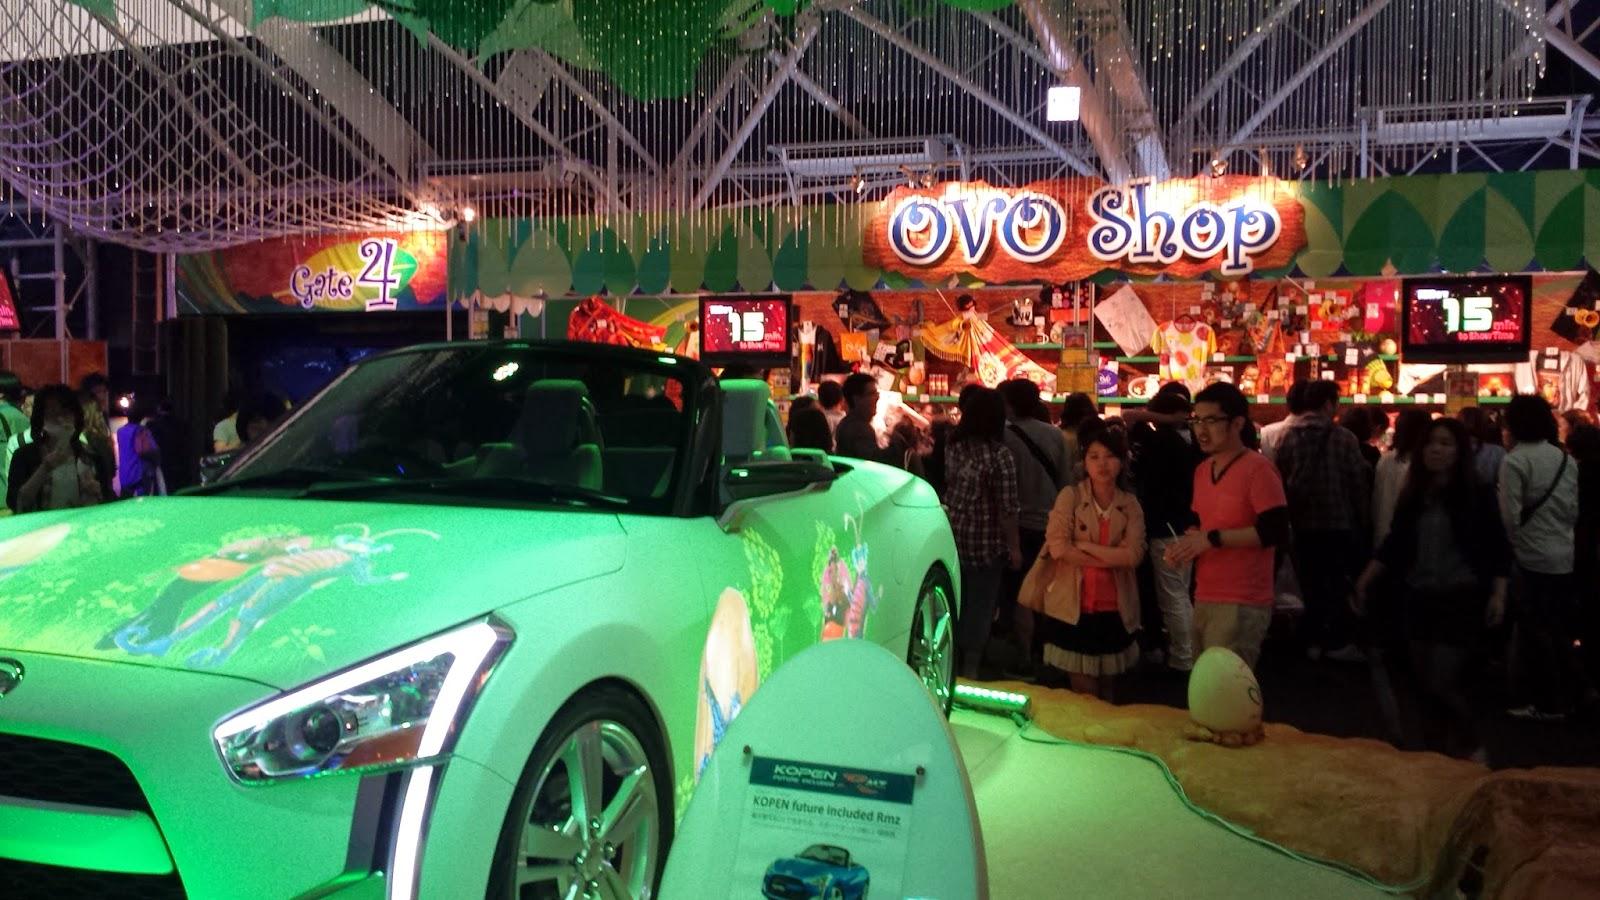 cirque du soleil, ovo, tokyo, japan, circus, car